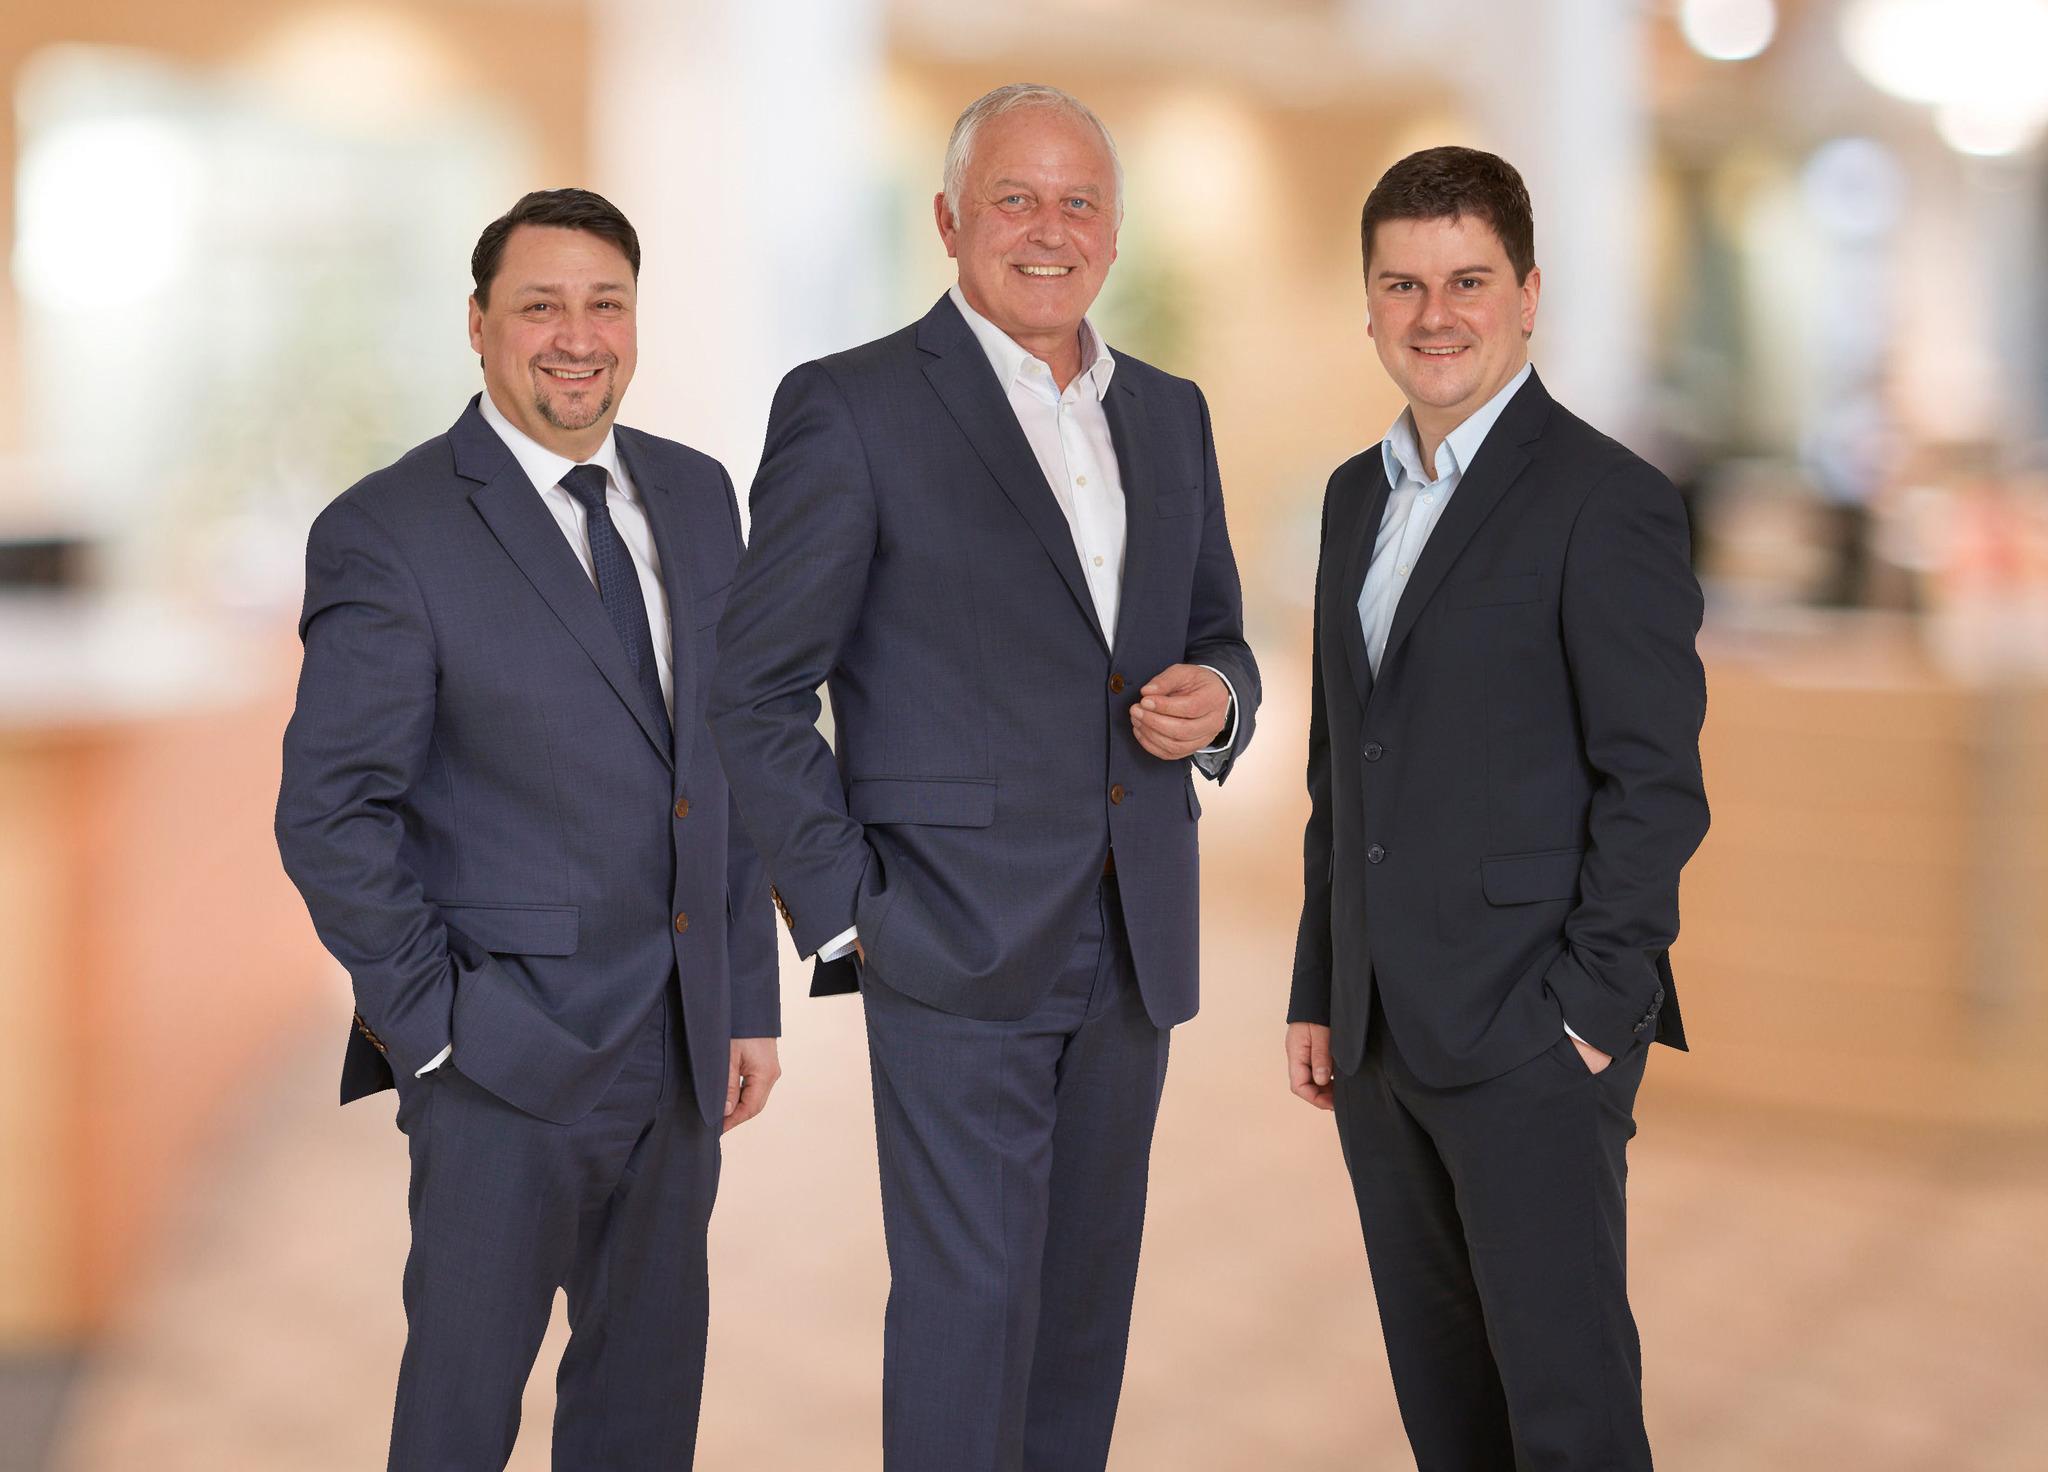 Der neue Vorstand der Volksbank Bühl: Marco Feit, Claus Preiss und Hans-Jörg Meier.